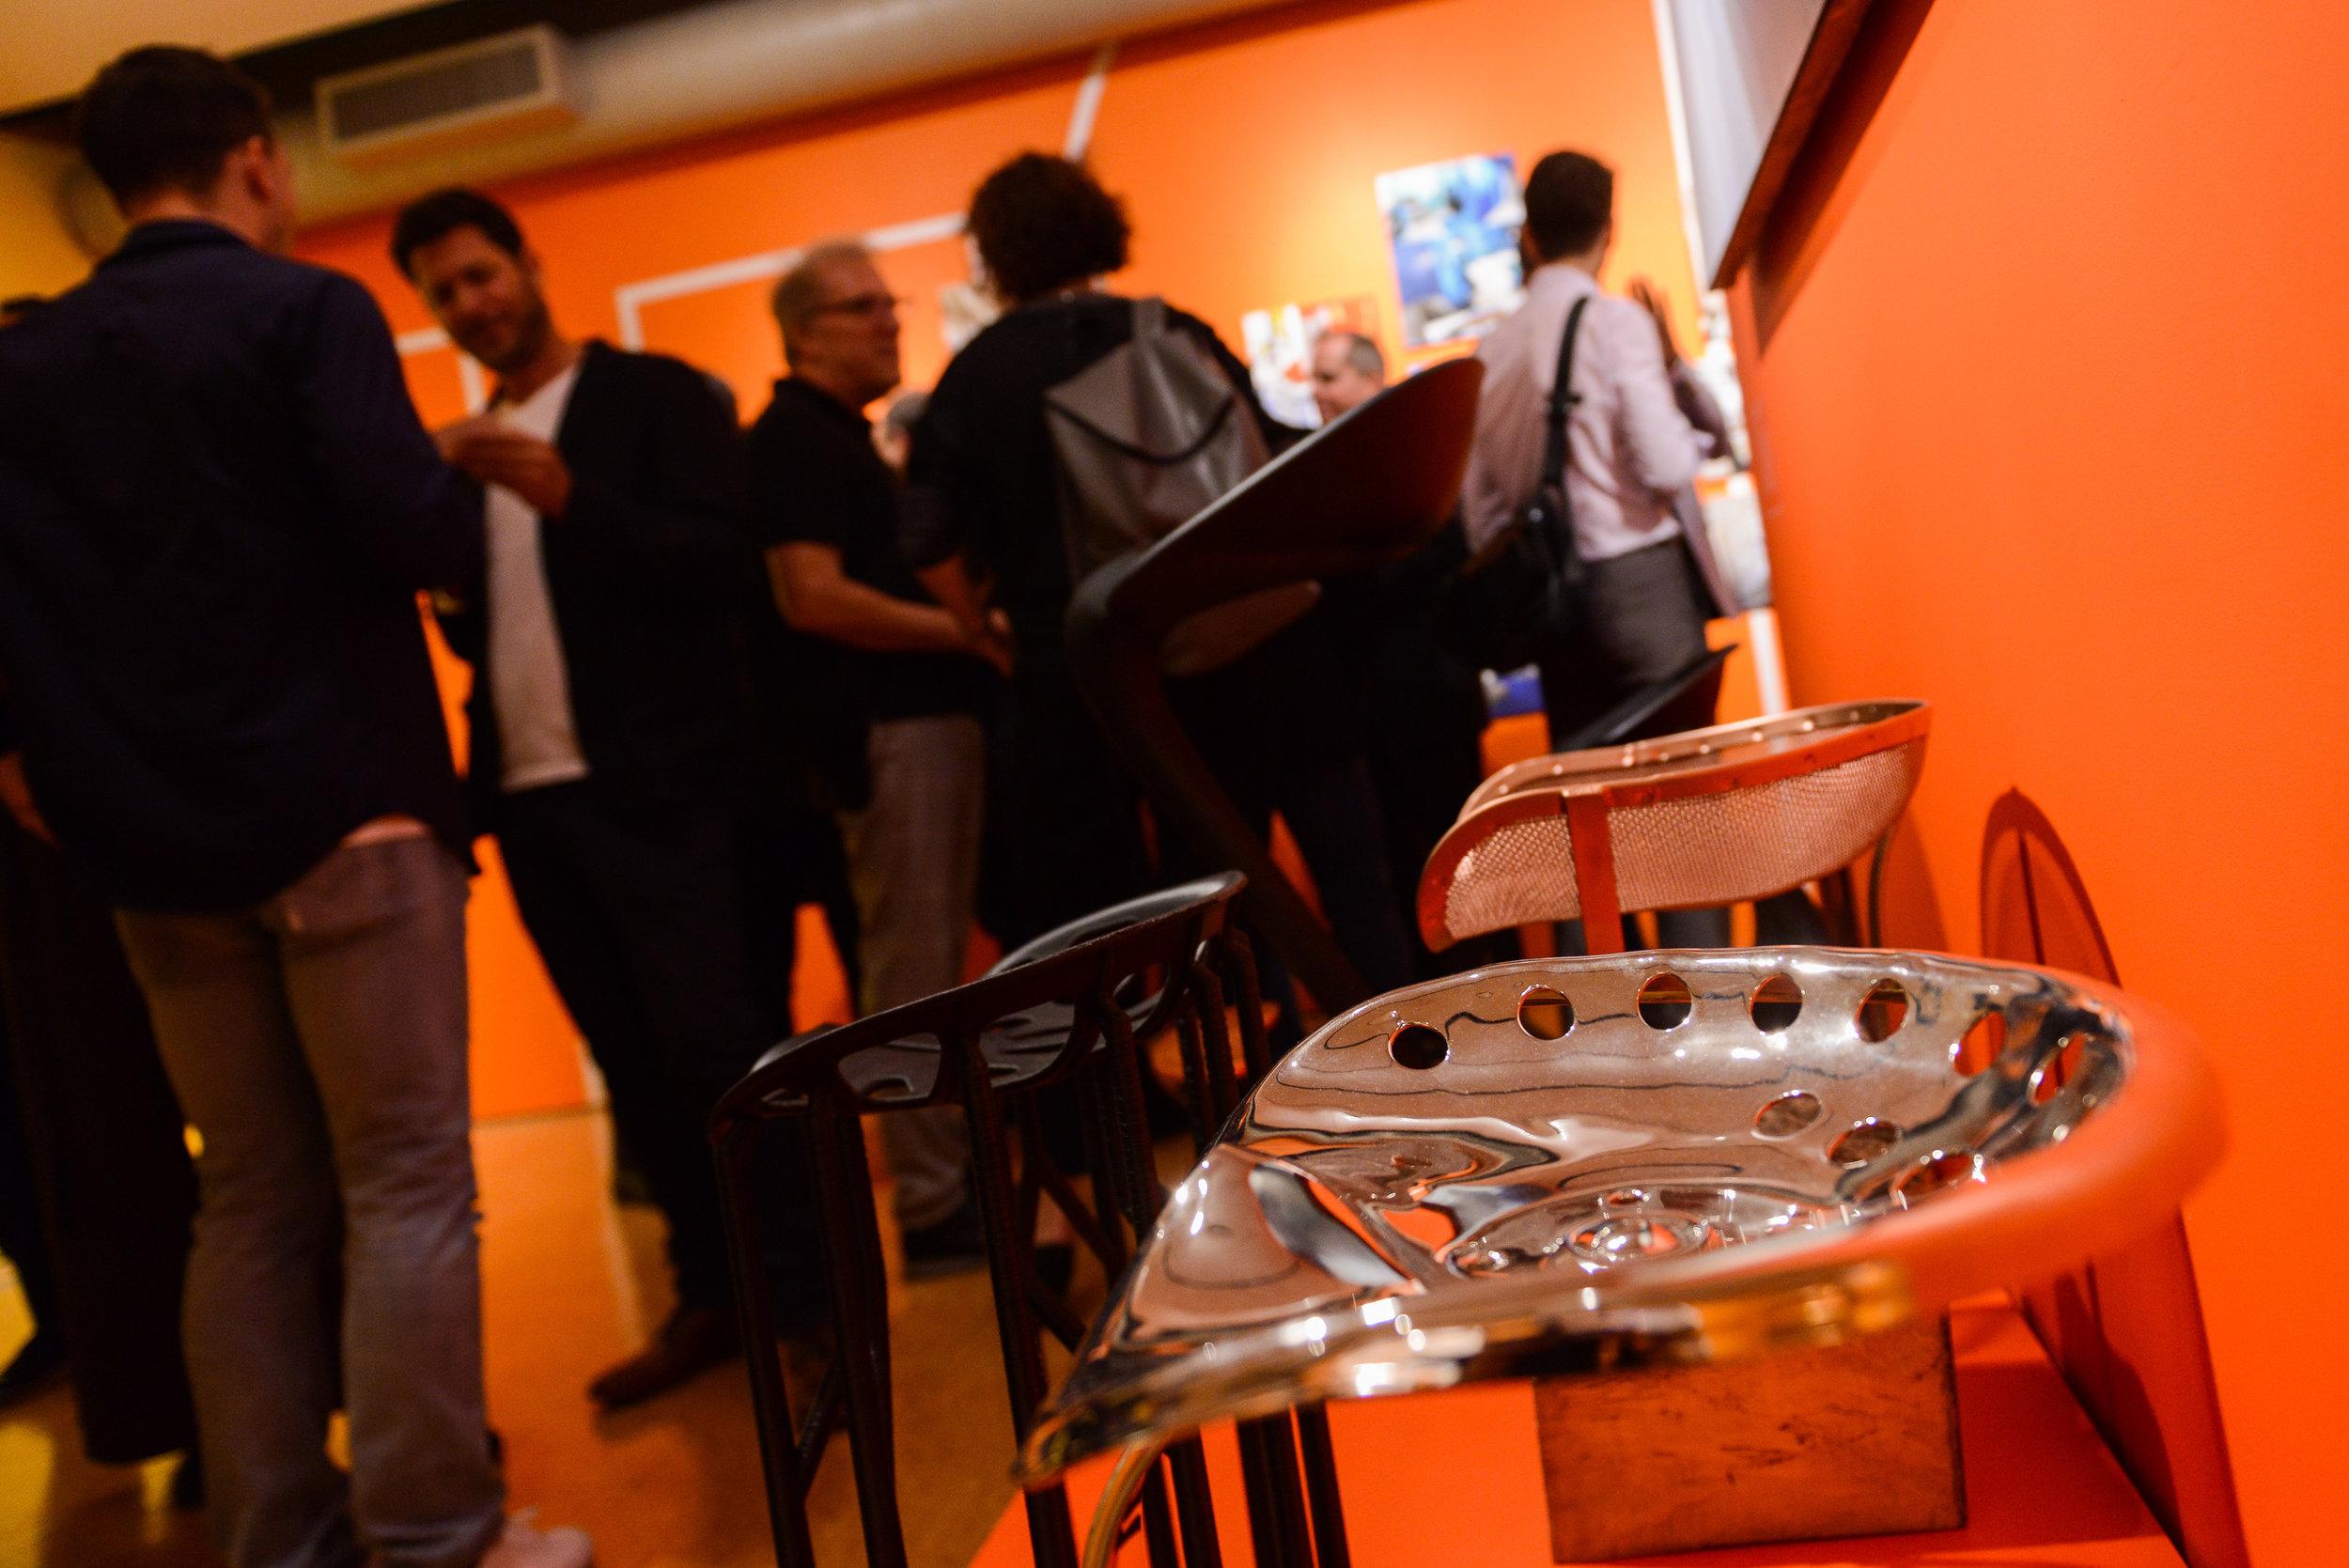 creative-scholarship-a-nysid-faculty-exhibition_23662143258_o[1].jpg